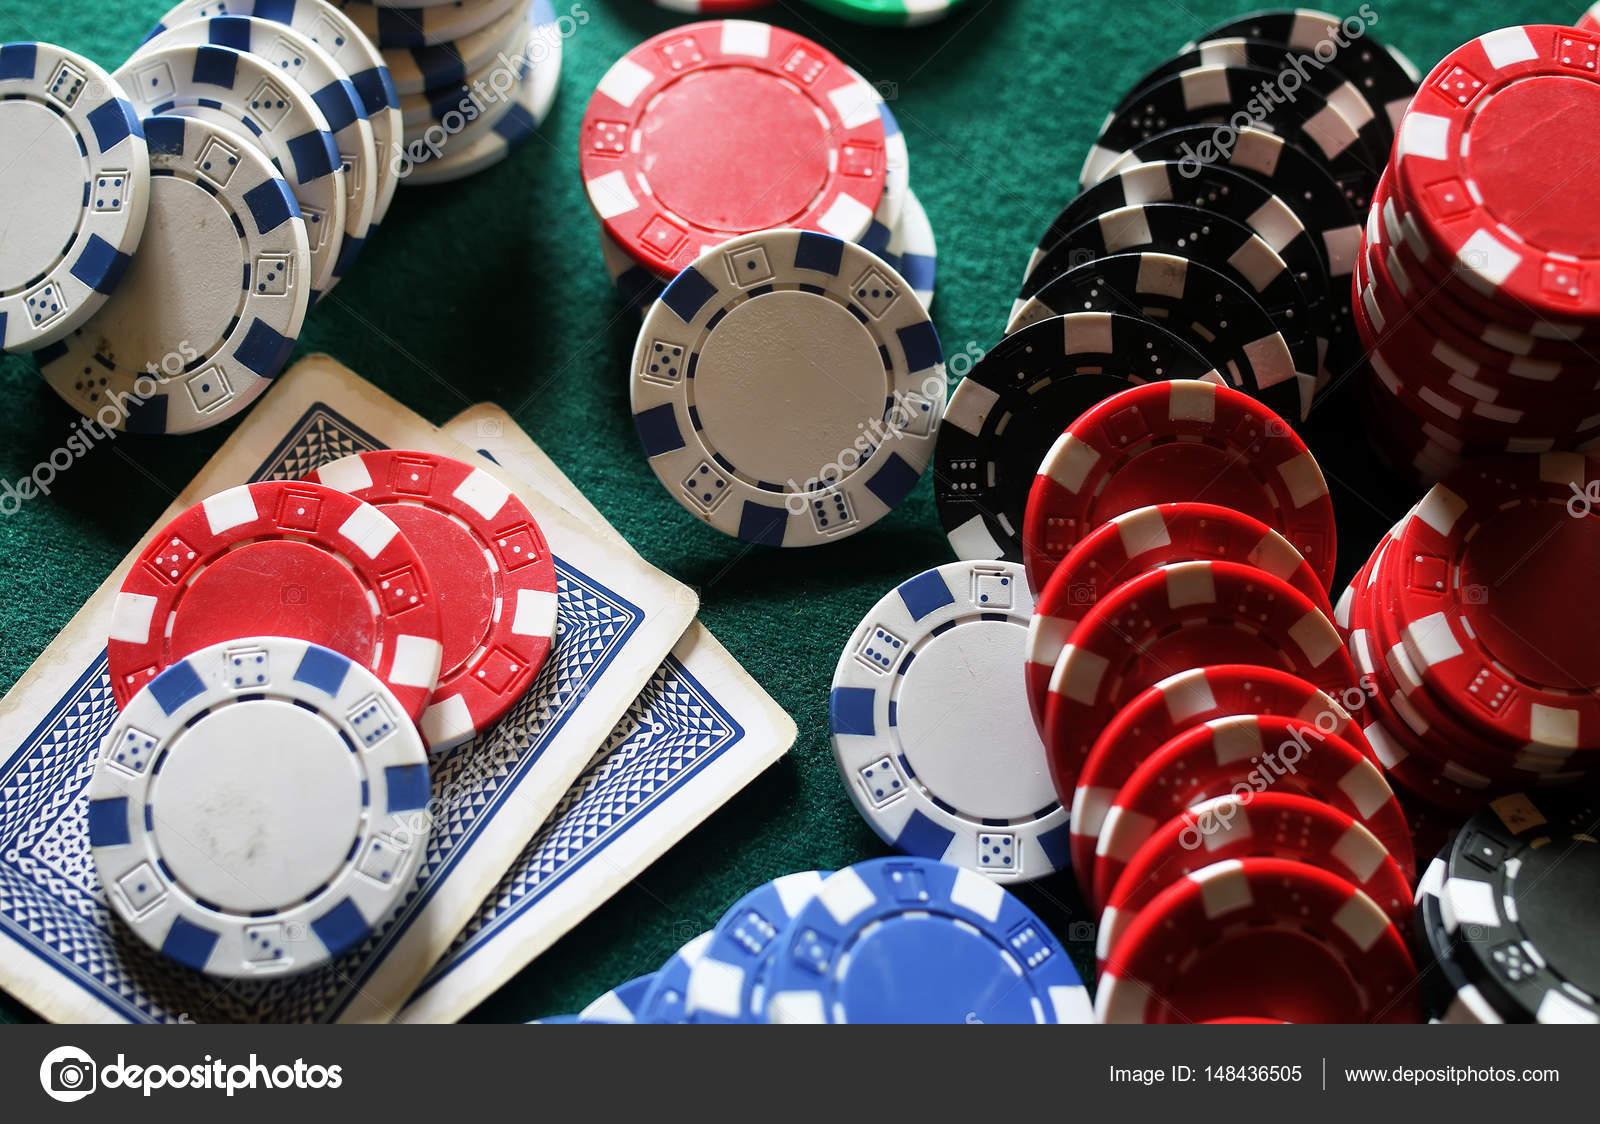 Фотографии игровых фишек казино европа игровые аппараты демо играть бесплатно без регистрации